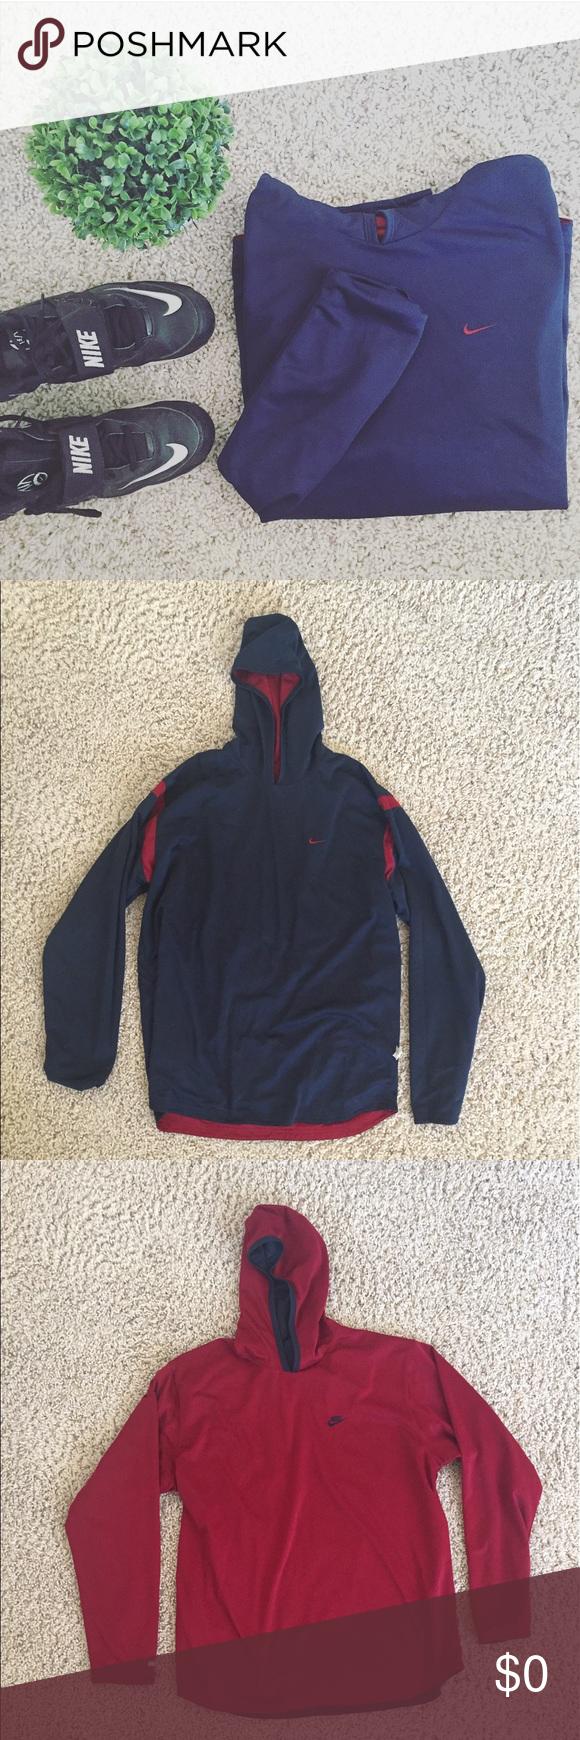 Predownload: Nike Reversible Hoodie Sweatshirt Sweatshirts Hoodie Hoodies Nike [ 1740 x 580 Pixel ]